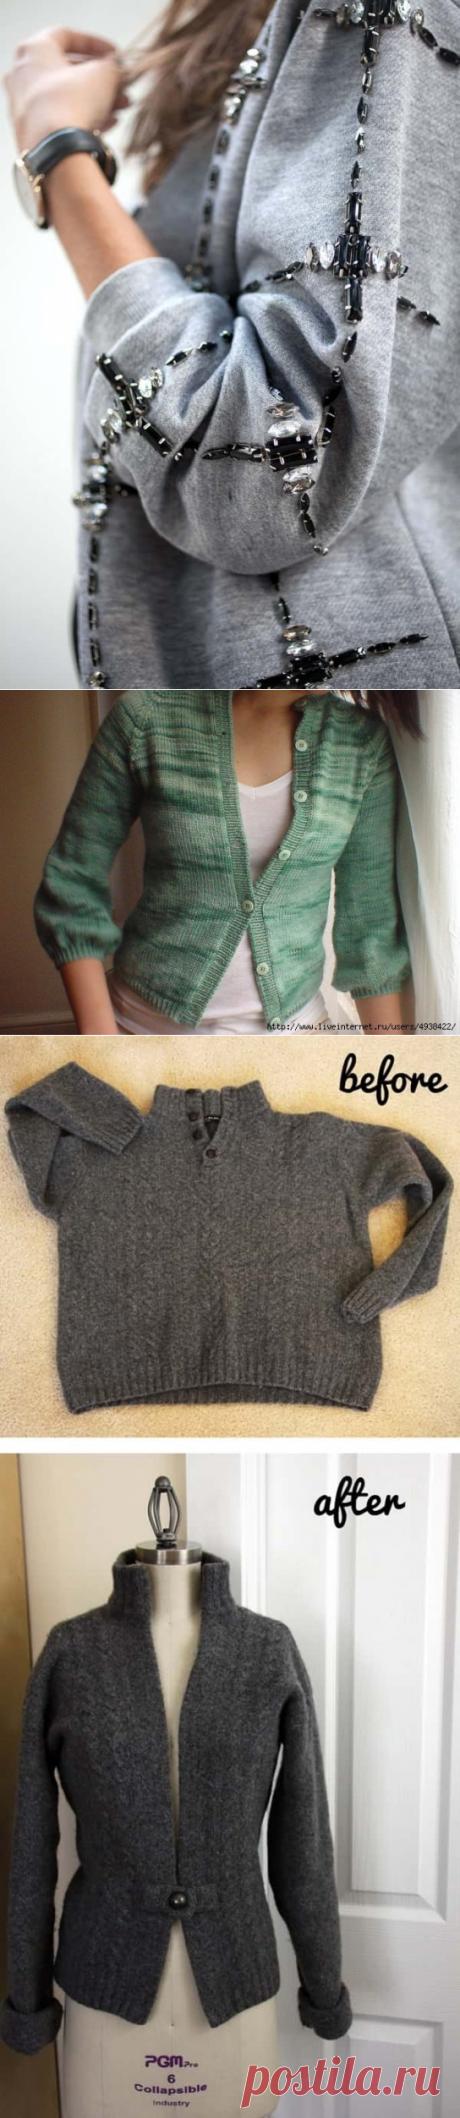 Стильные переделки свитера в кардиган: мастер-класс